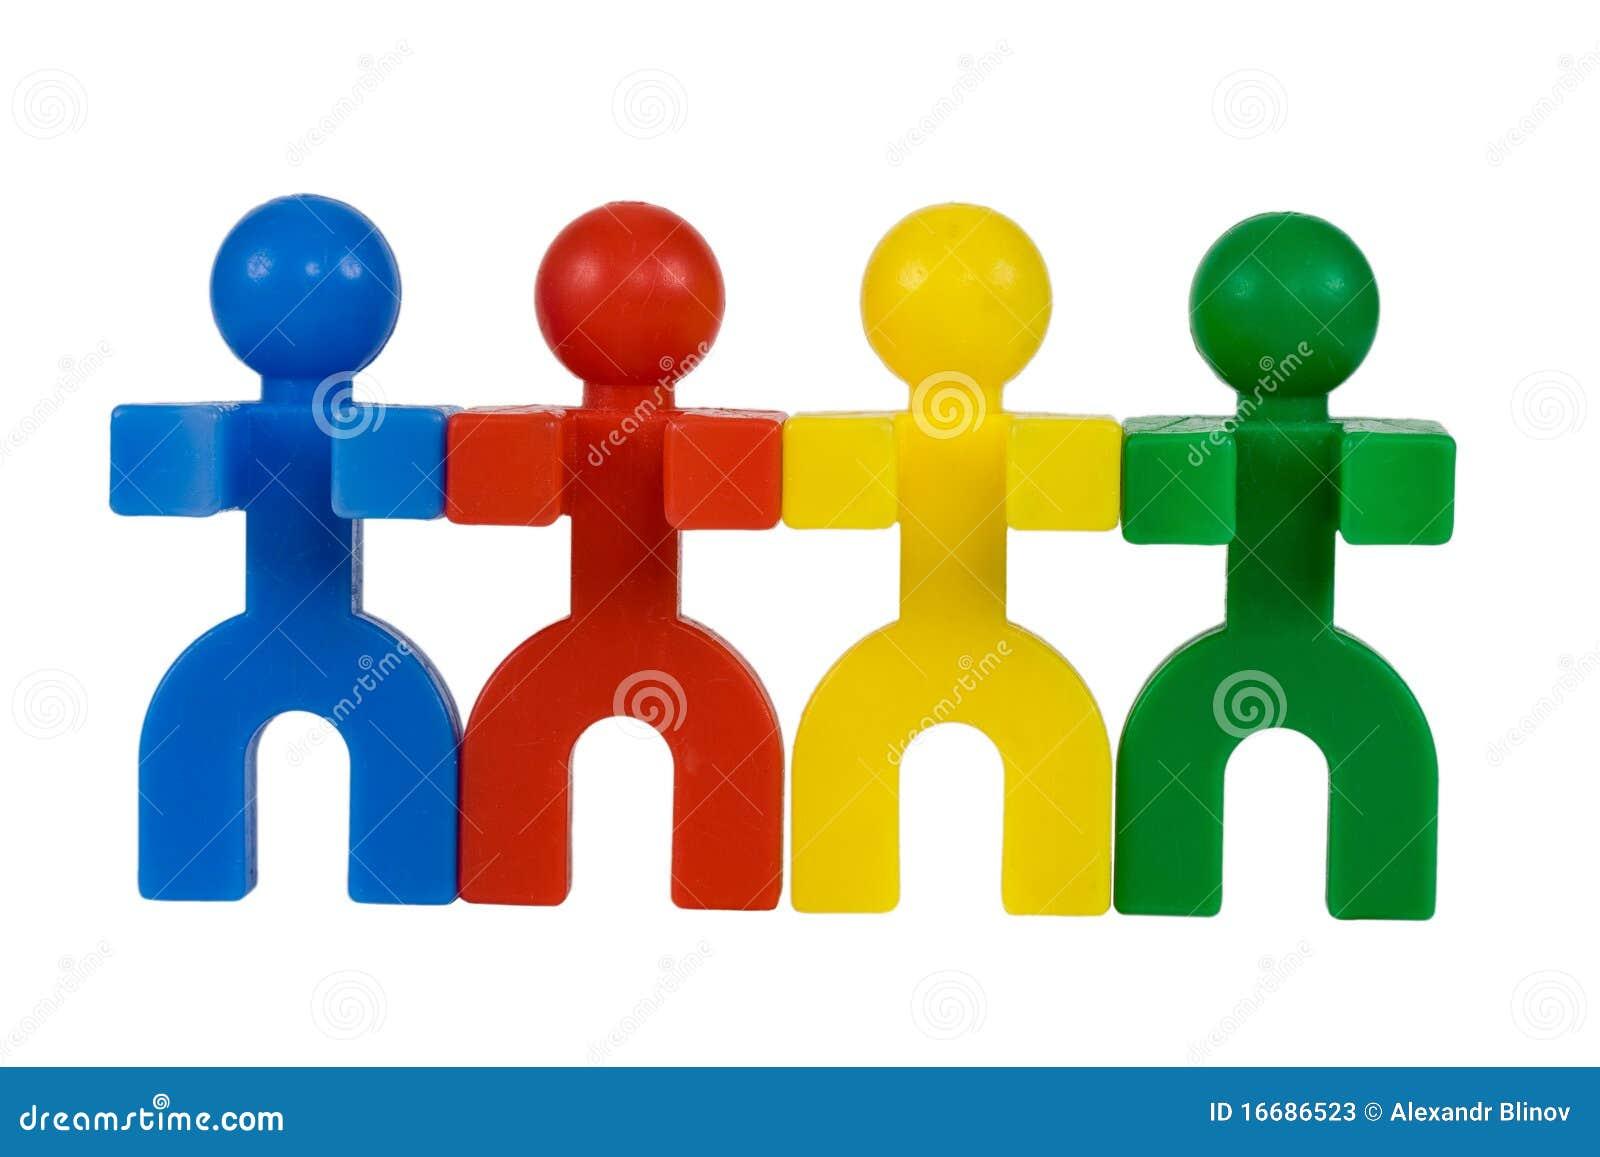 united people symbols stock photos image 16686523